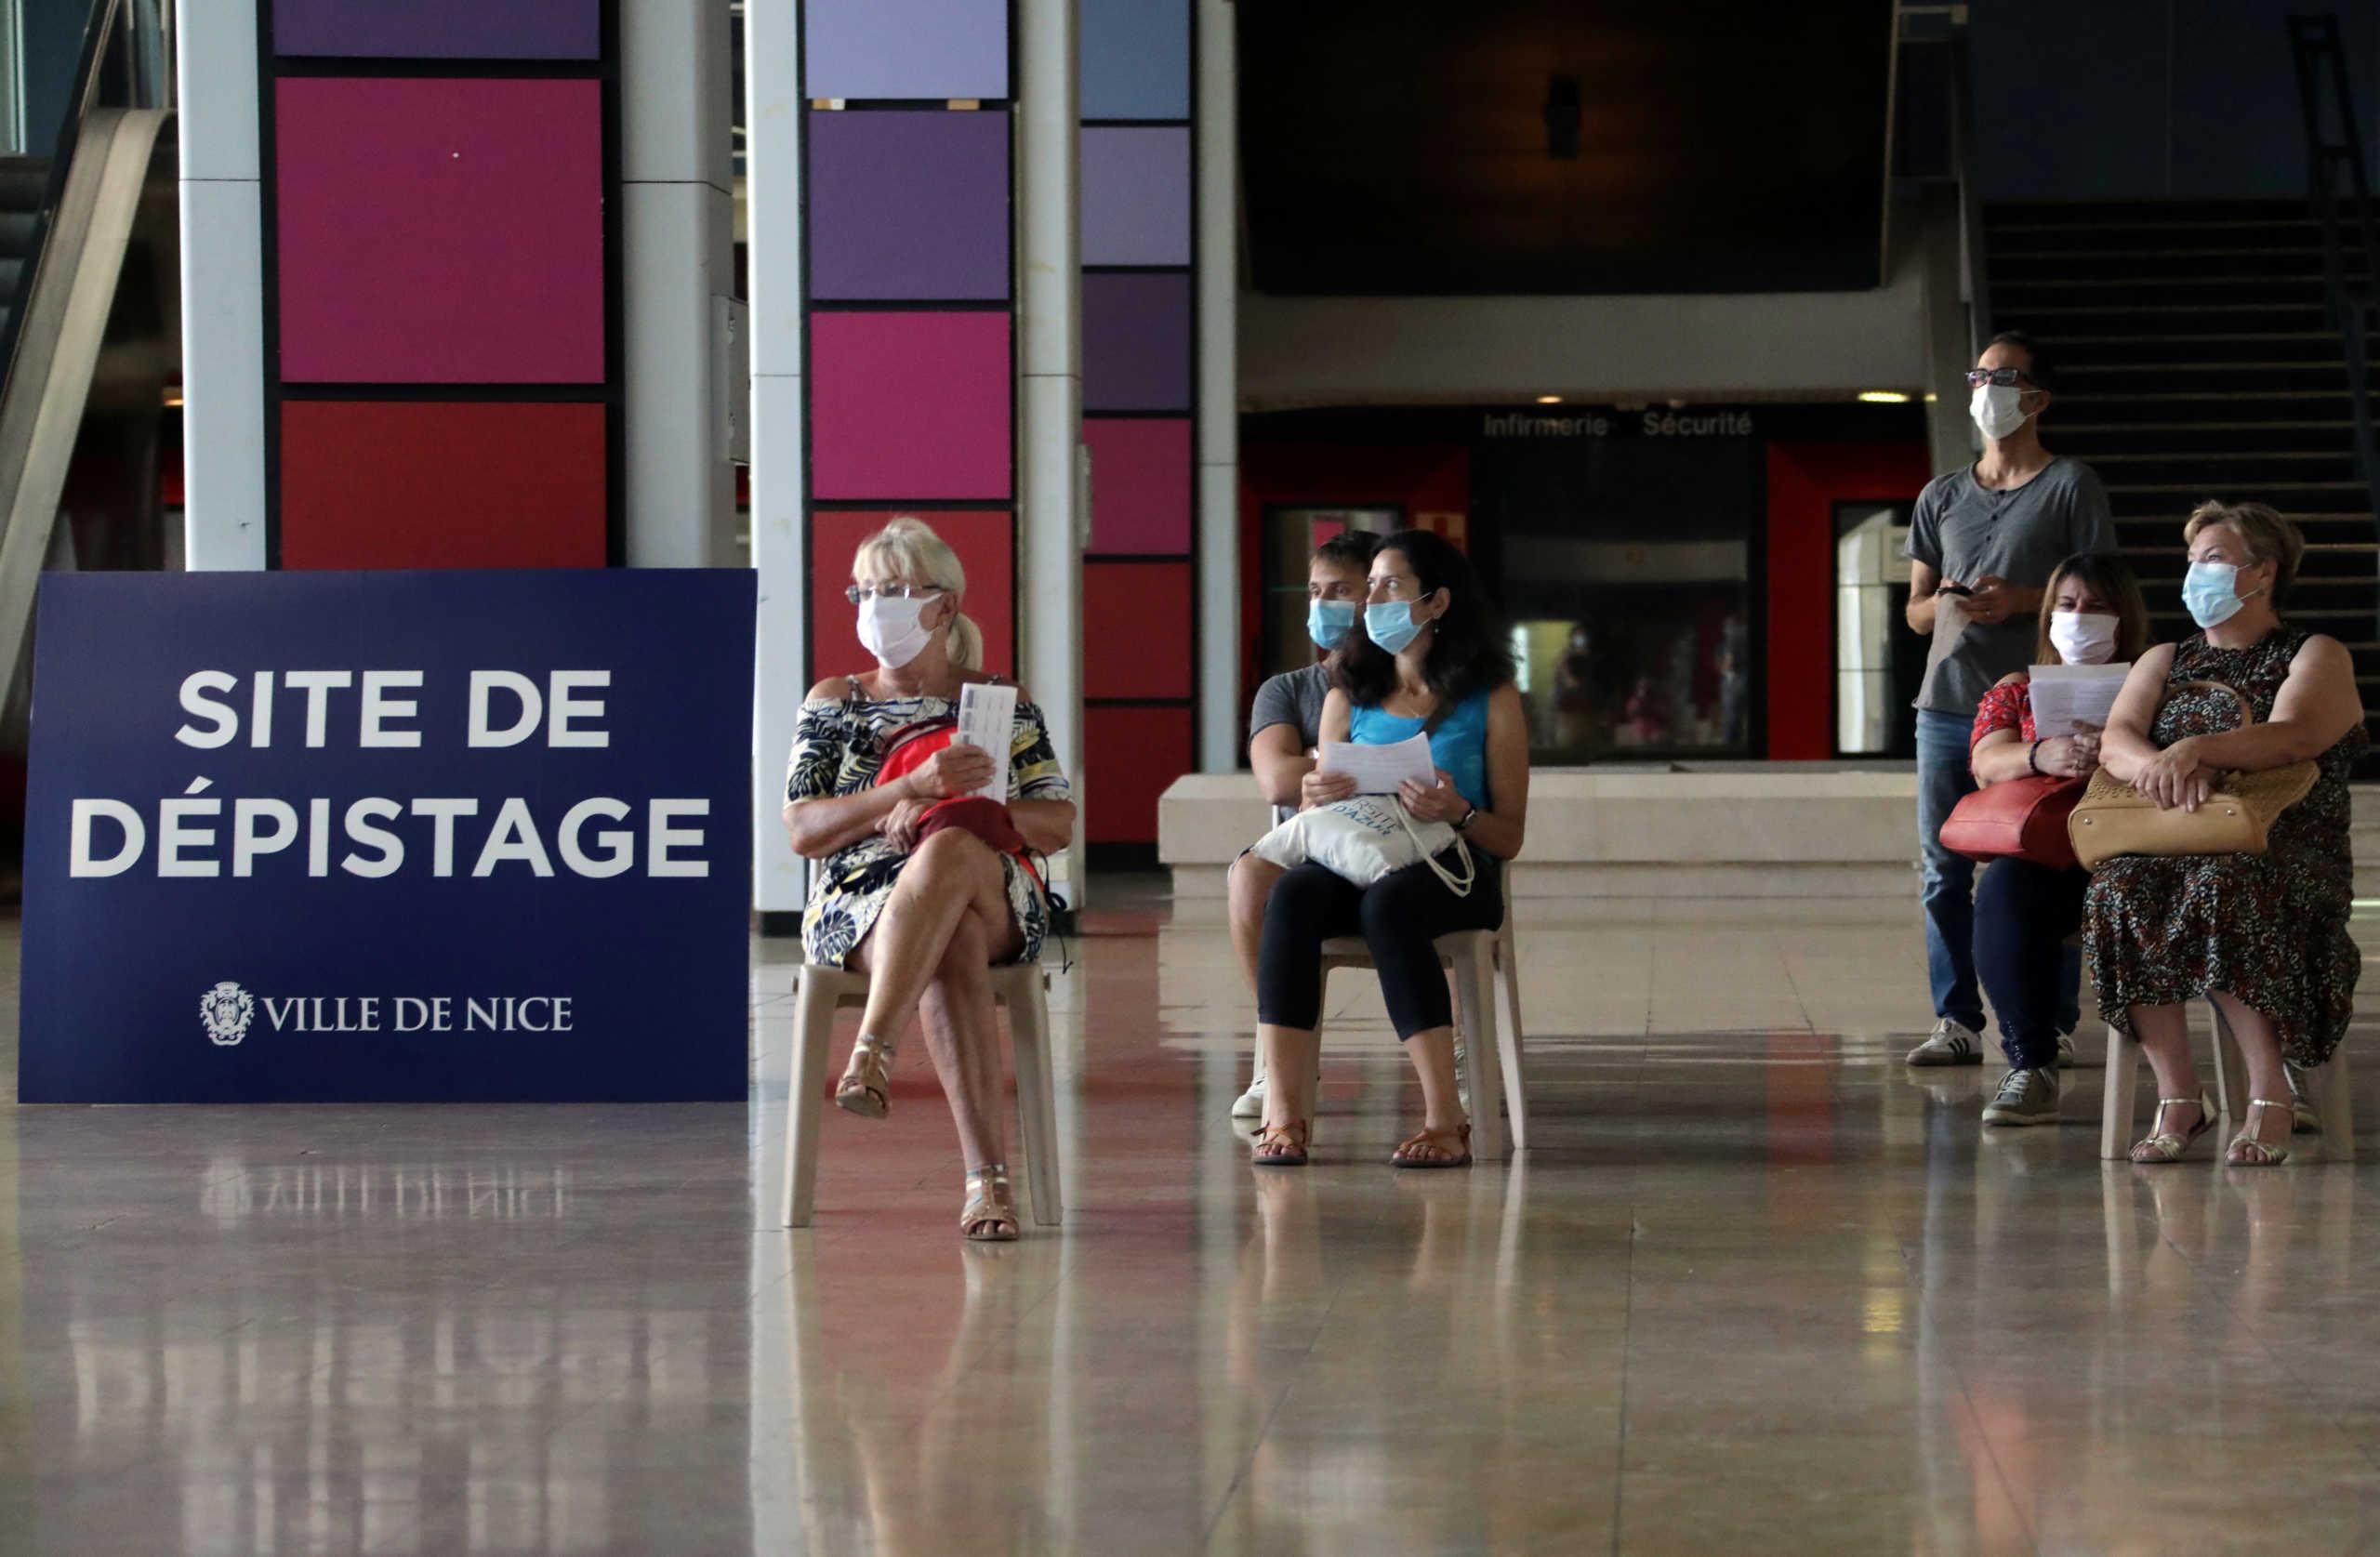 Κορονοϊός: Η κορύφωση του δεύτερου κύματος έχει περάσει στη Γαλλία